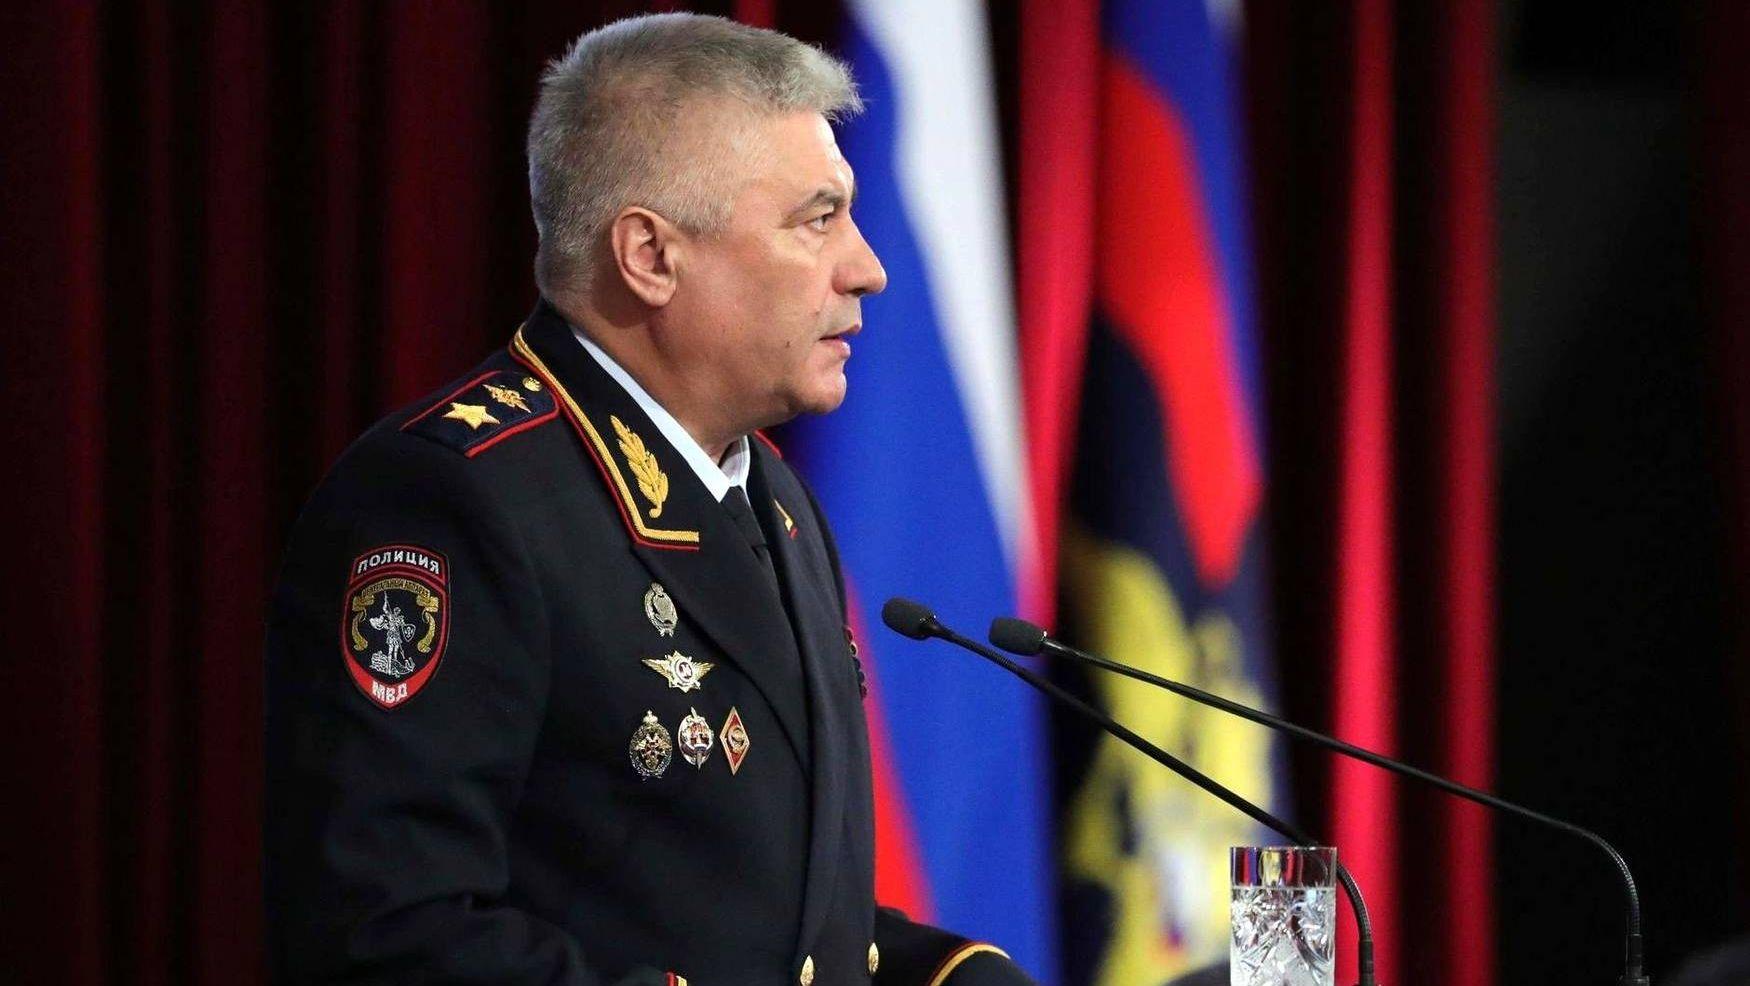 Владимир Колокольцев. МВД России